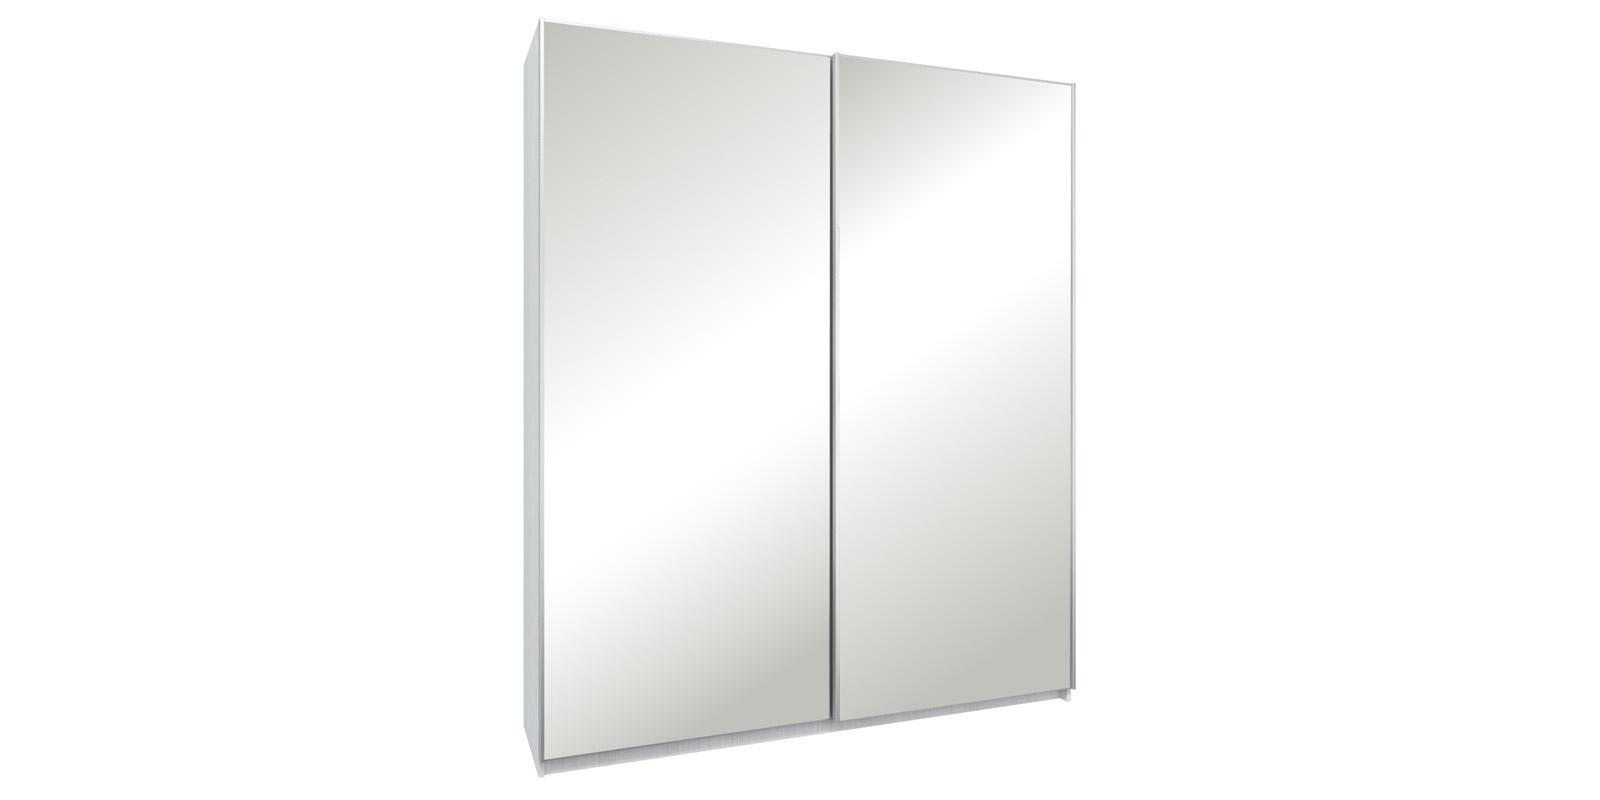 Шкаф-купе двухдверный Лофт 190 см (белый/зеркальный)